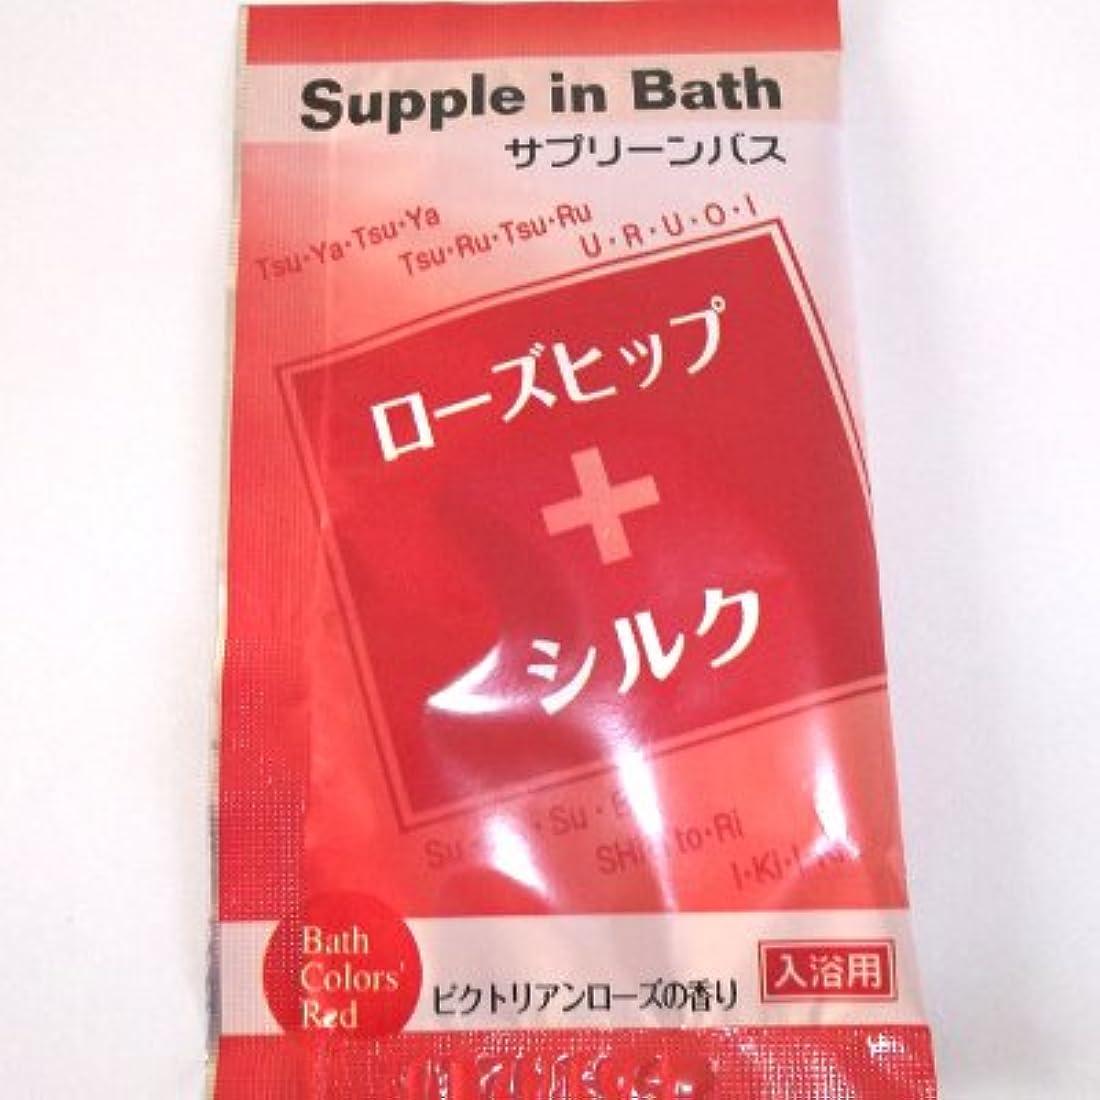 十分な吐く肌サプリーンバス ローズヒップ+シルク